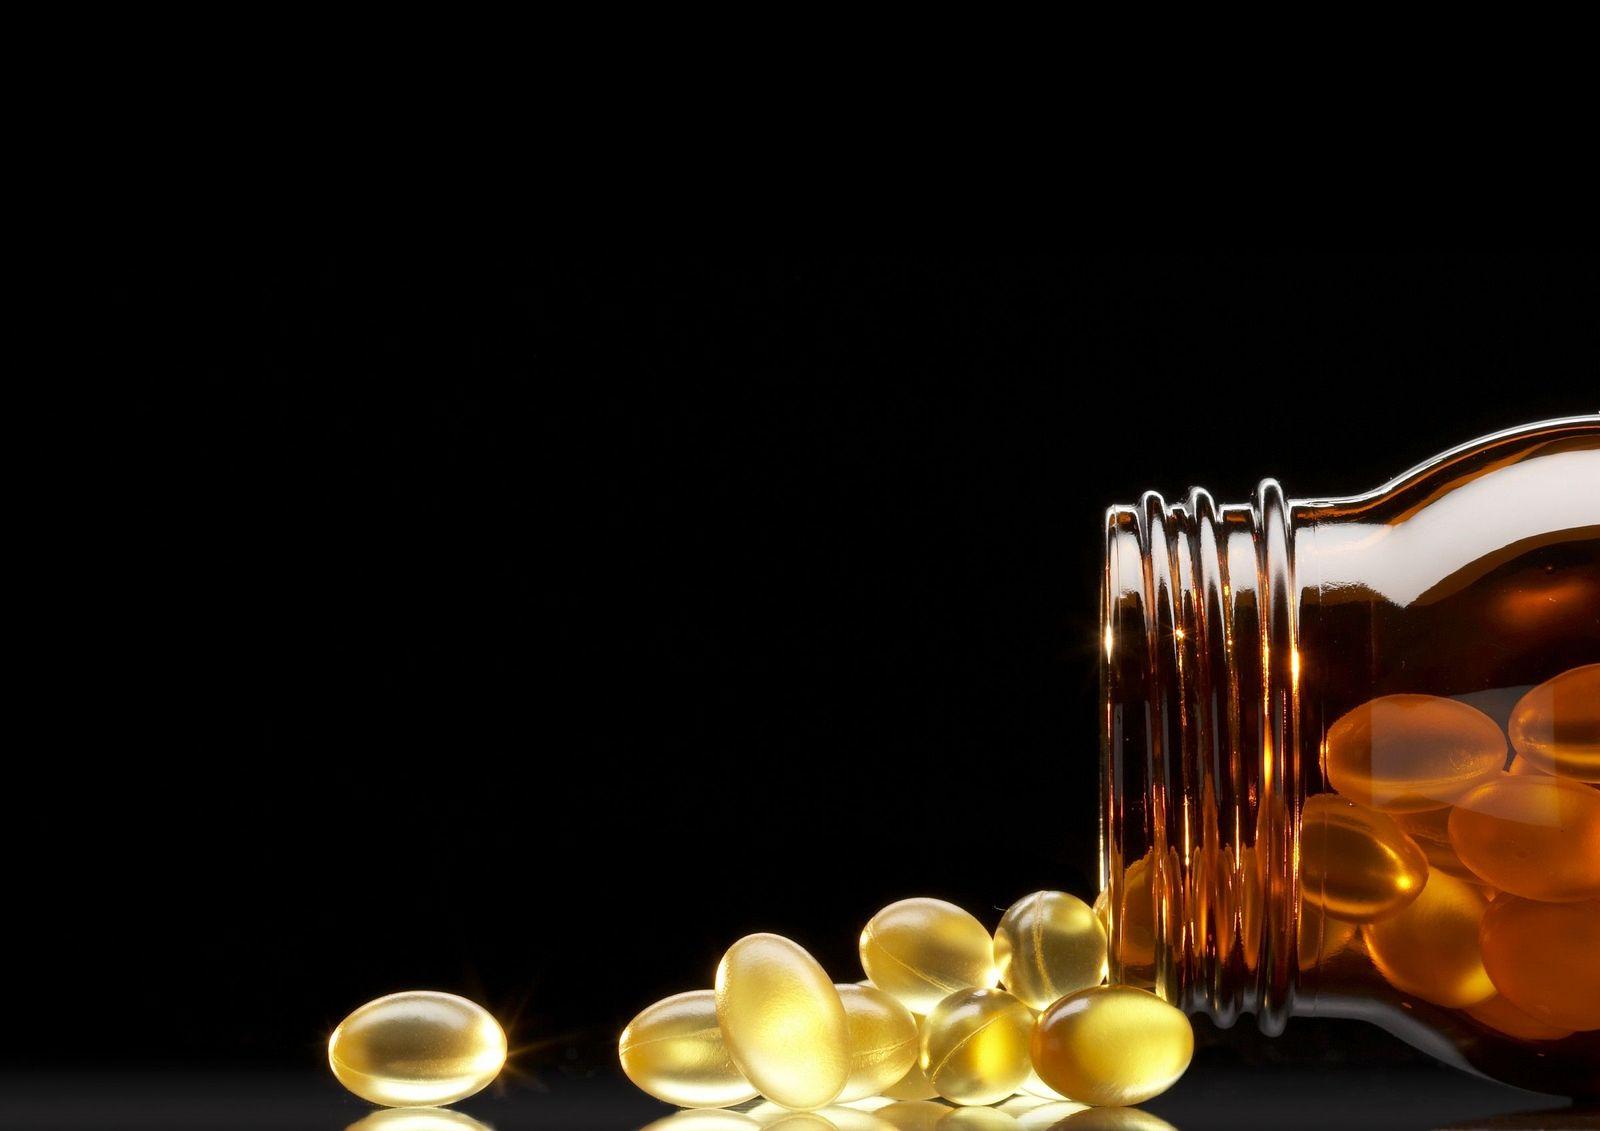 NICHT MEHR VERWENDEN! - THEMEN Vitamine